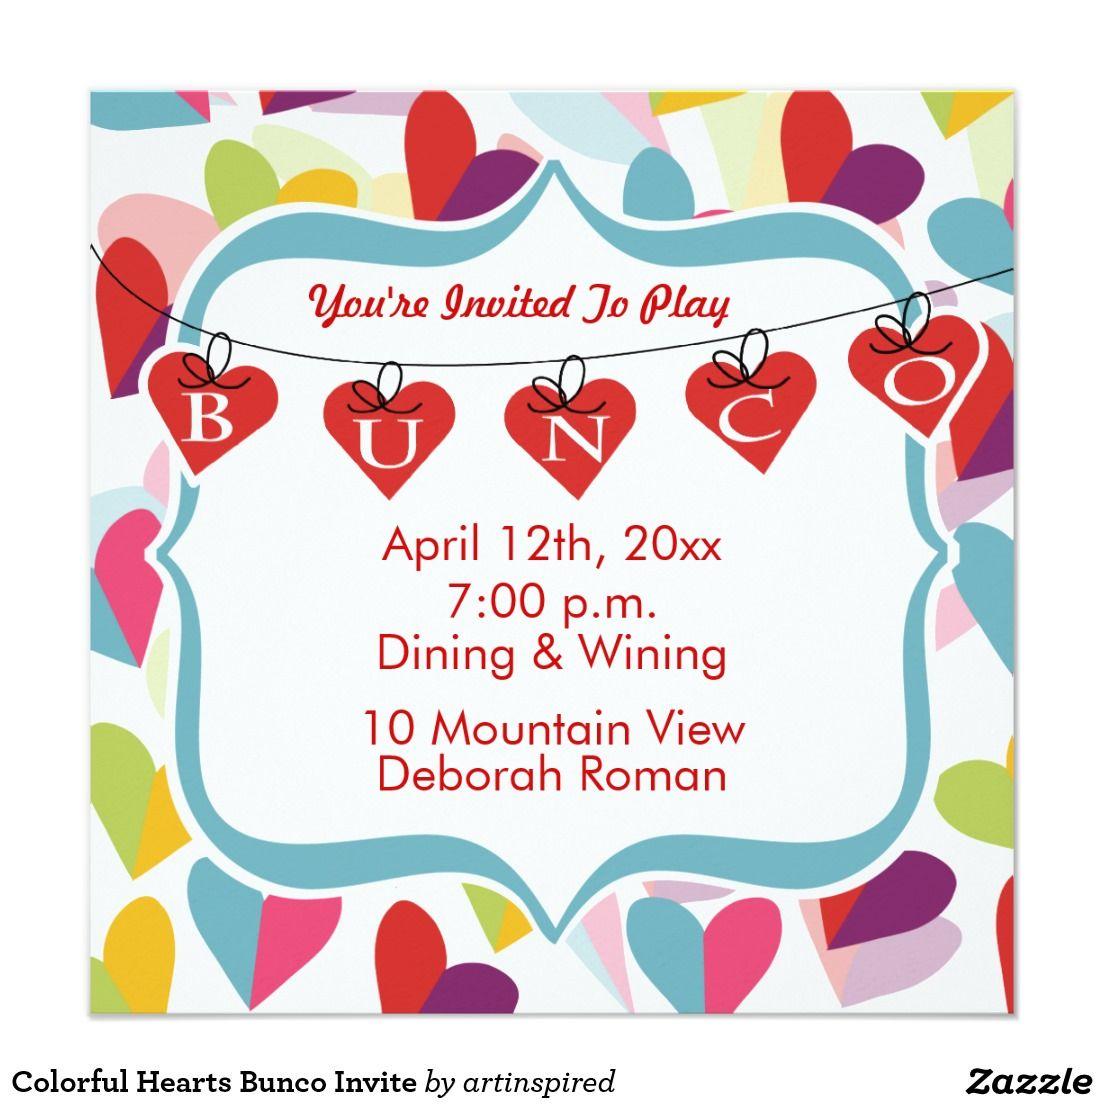 Colorful Hearts Bunco Invite